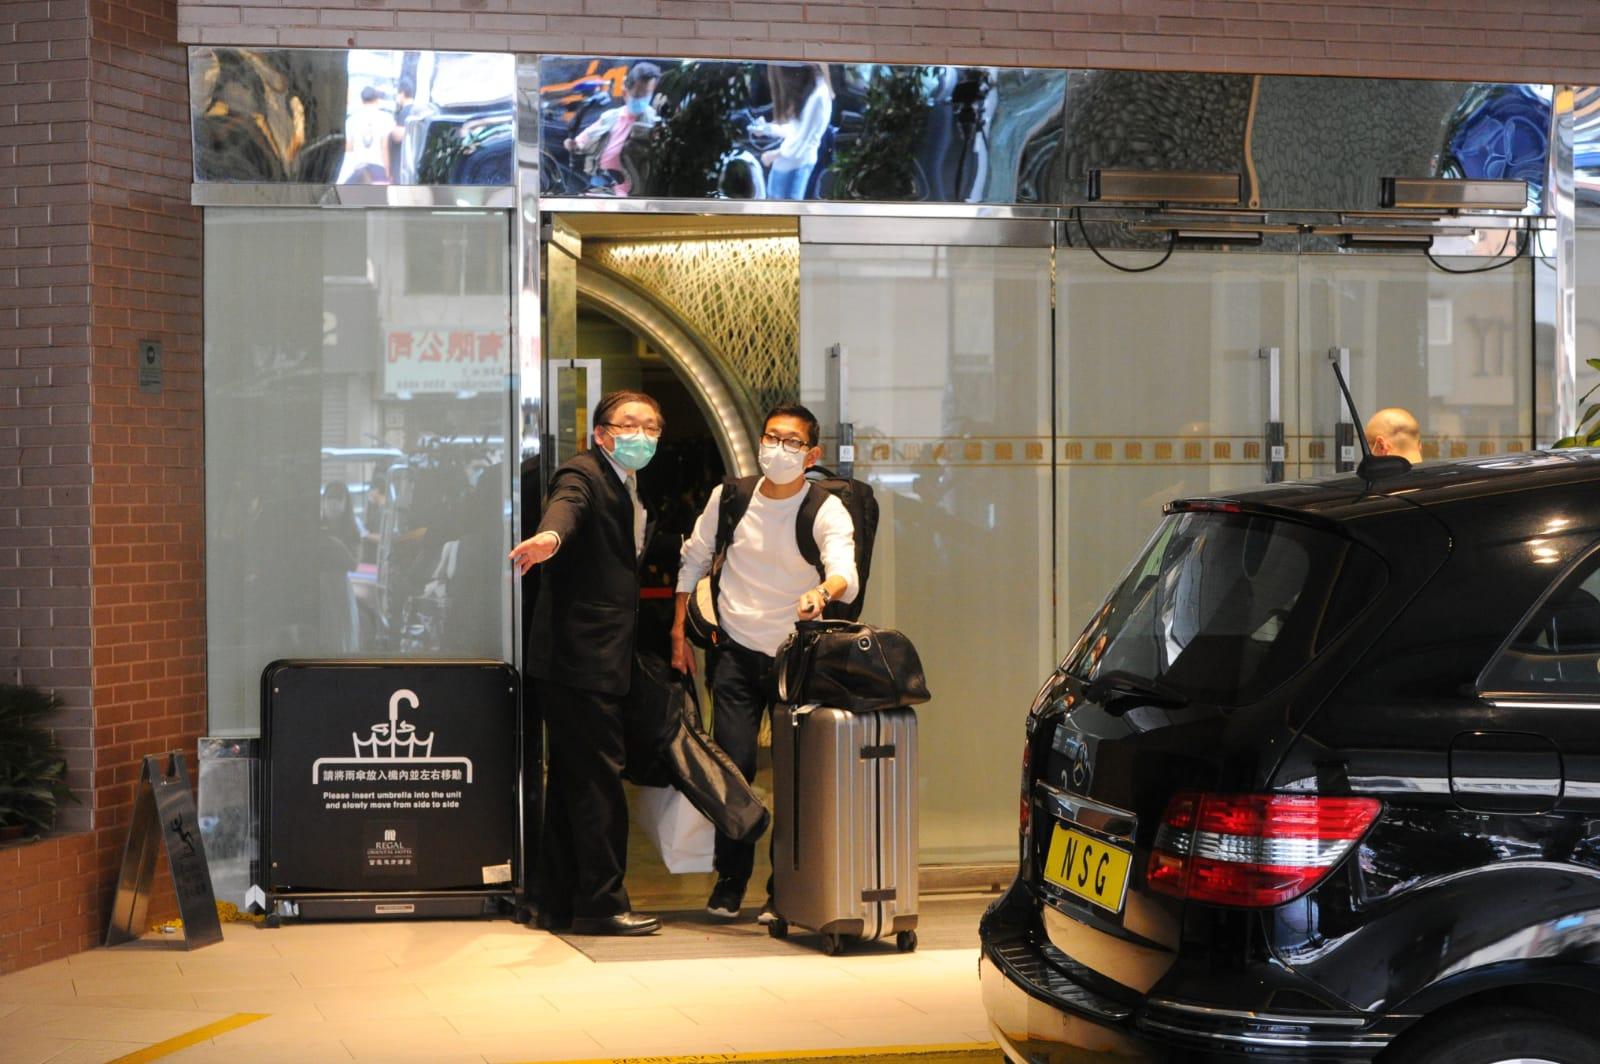 港府疑因檢疫措施不足,決定徵用九龍城的富豪東方酒店作為隔離中心。今日(20日)早上已有大批酒店住客陸續搬離酒店。(宋碧龍/大紀元)